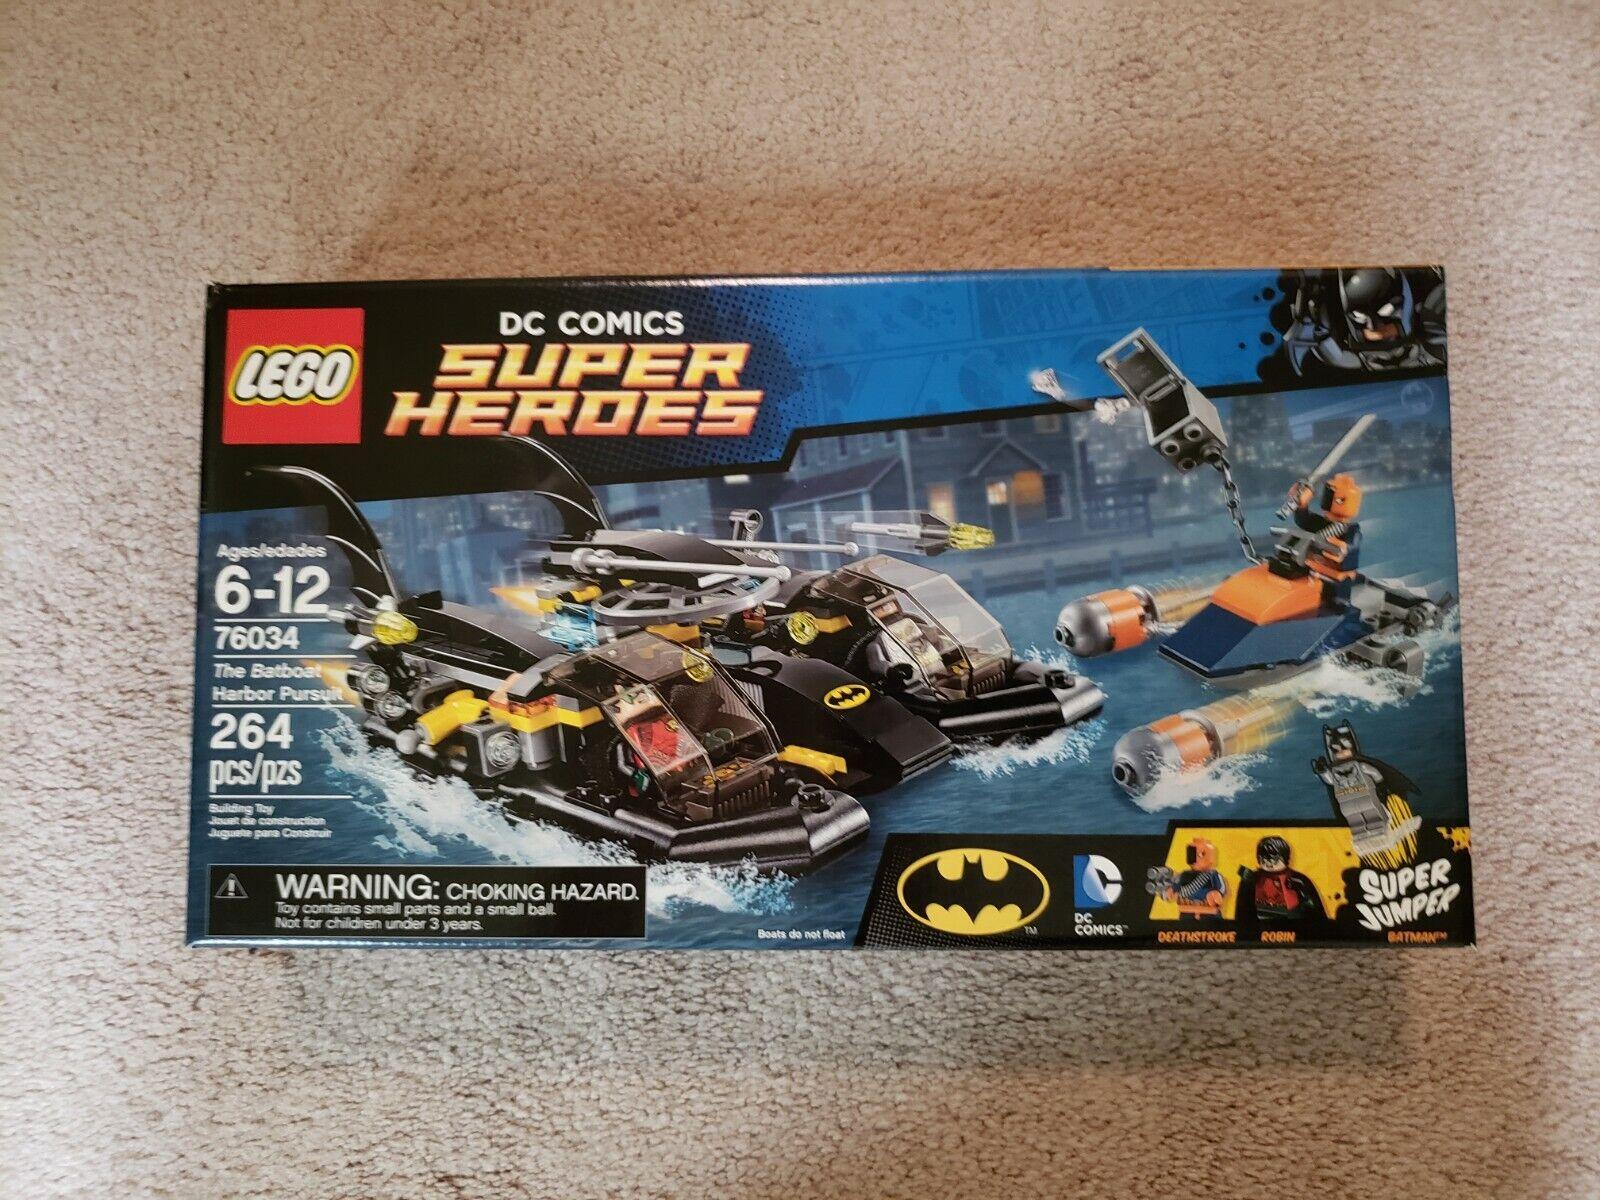 LEGO Batman 76034 DC Super Heroes BATBOAT HARBOR PURSUIT 2015 DEATHSTROKE New